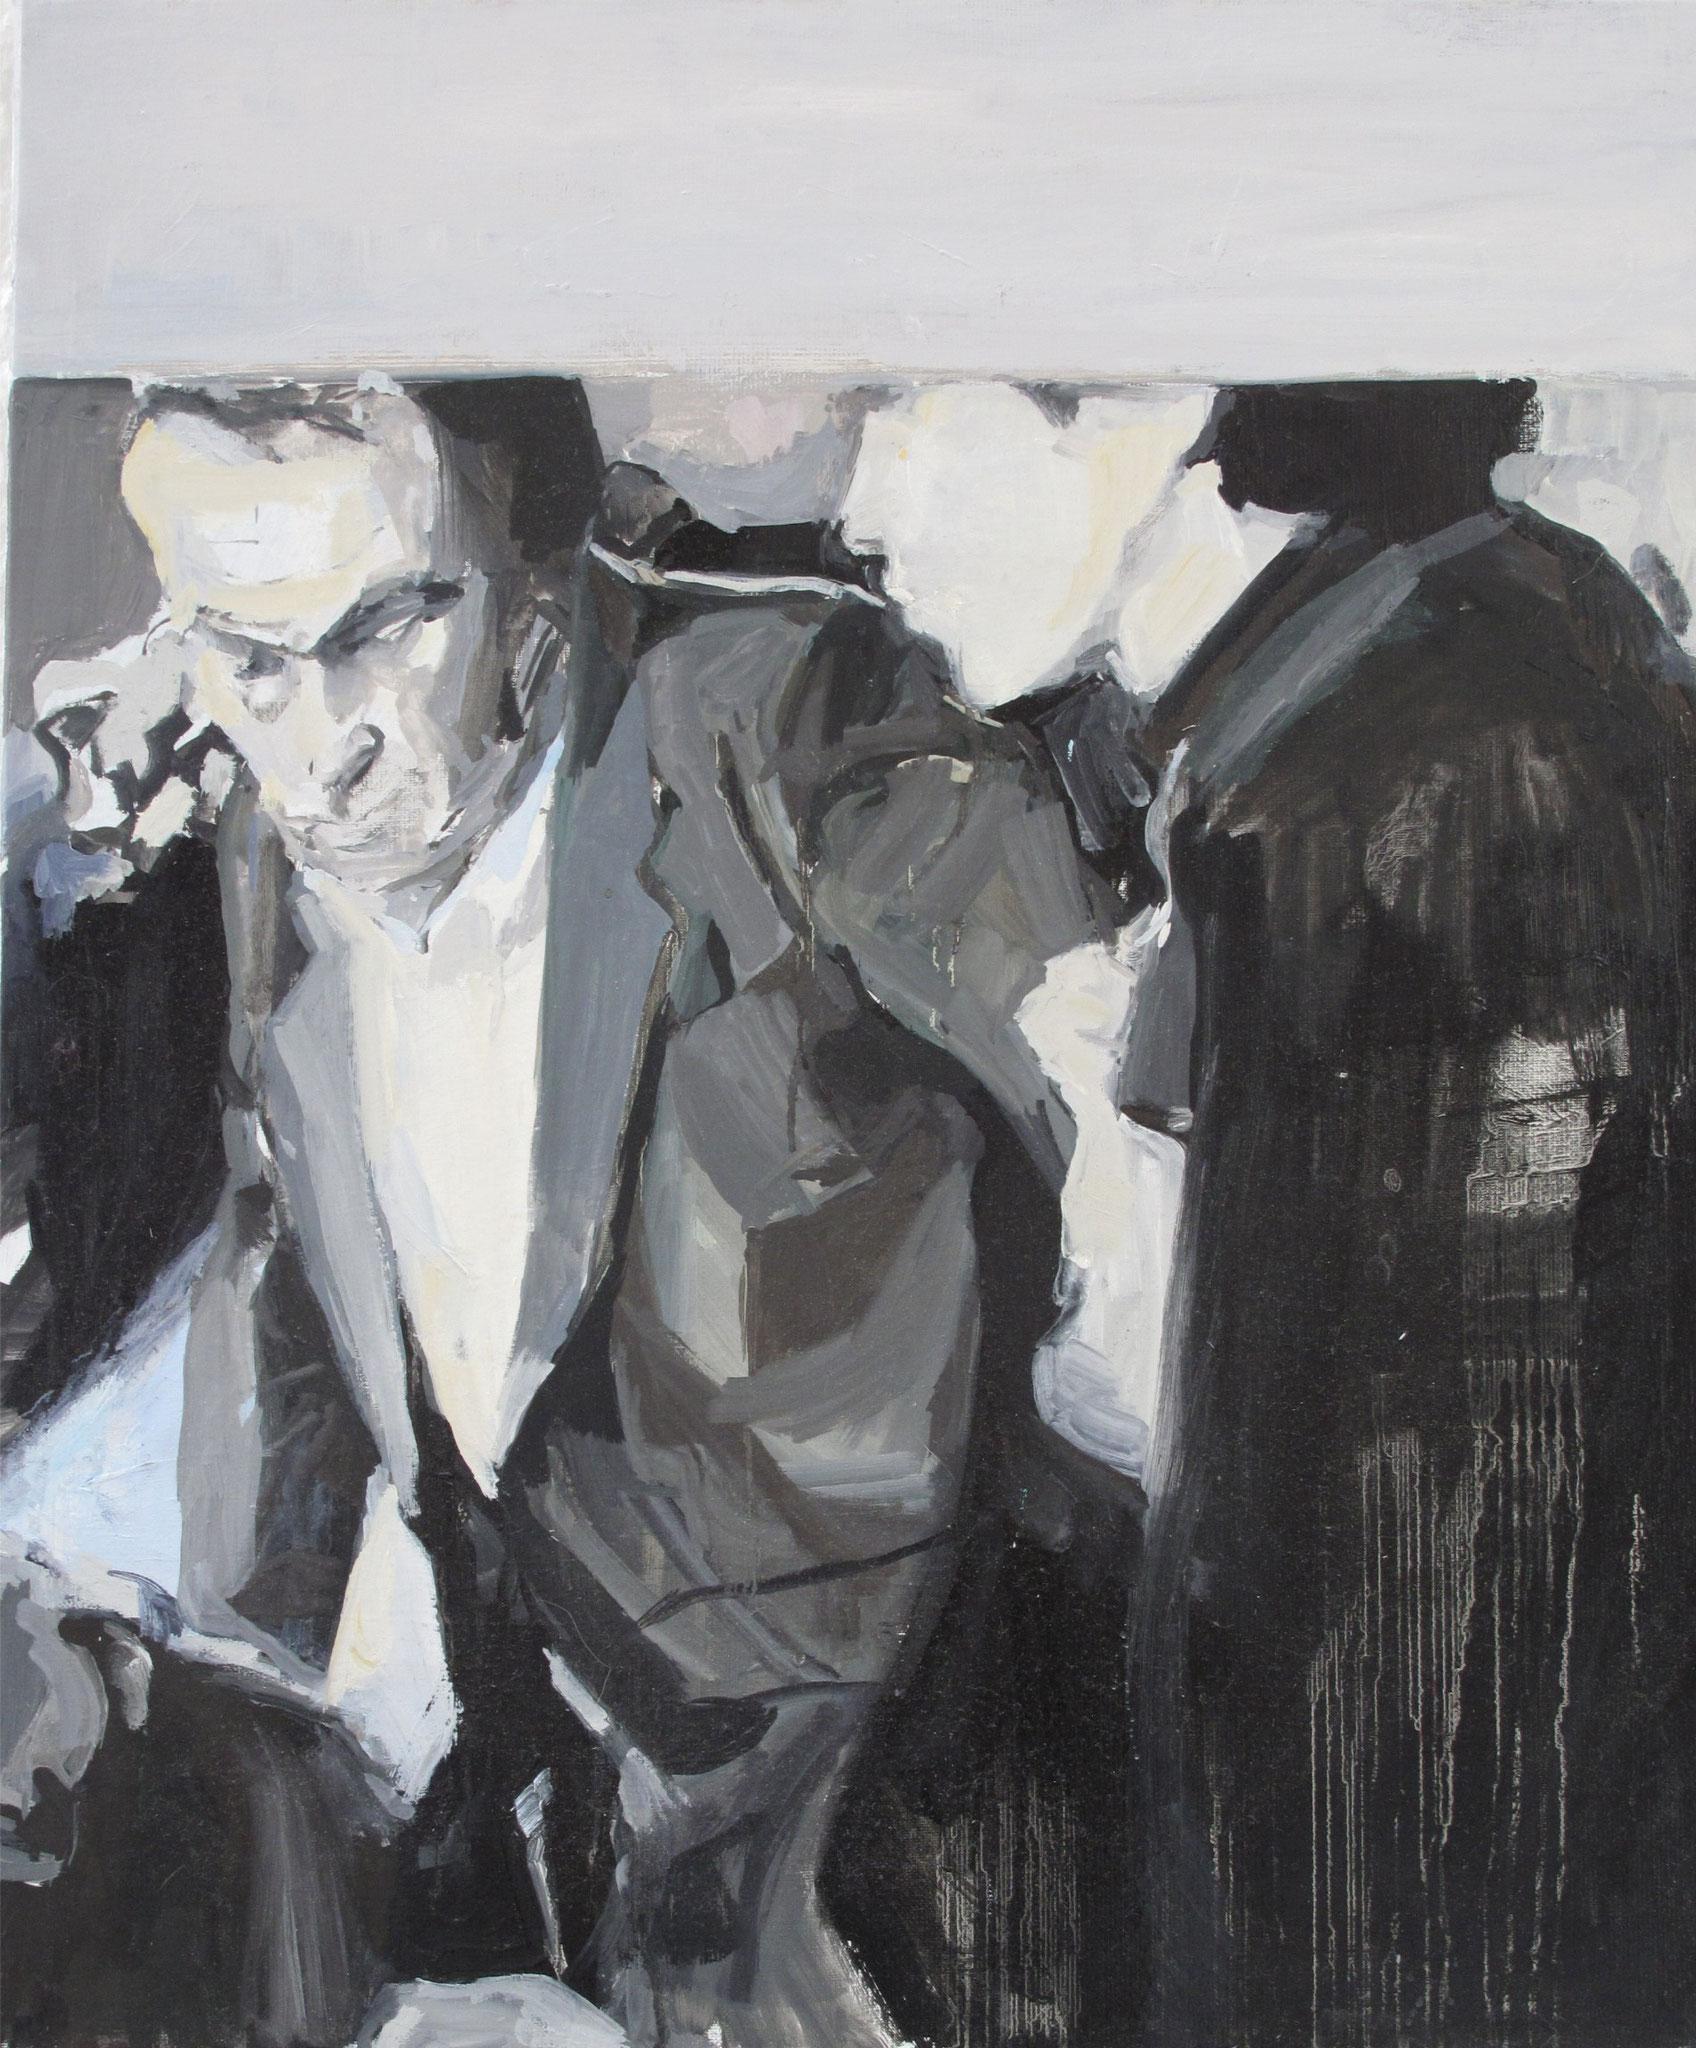 Sans titre - Journaux, Huile sur toile, 2013, 65 x 54 cm